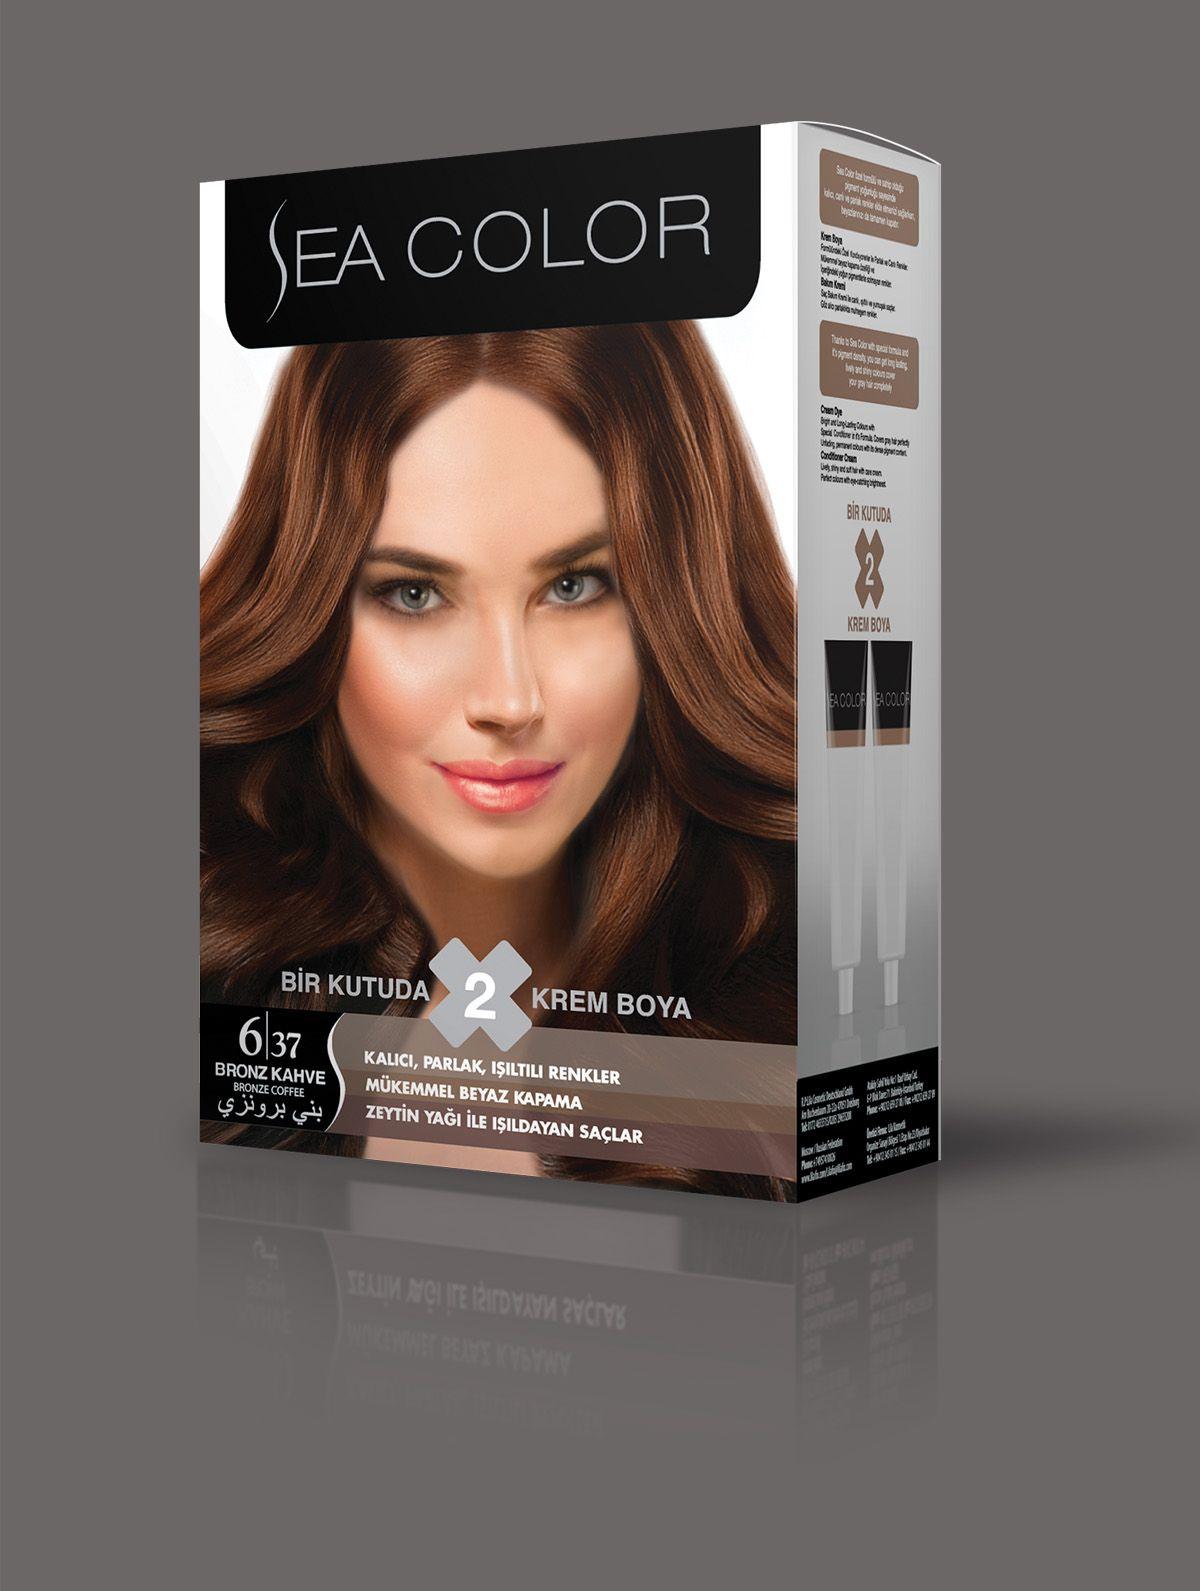 Sea Color Sac Boyasi 6 37 Bronz Kahve Renkler Sac Sac Boyasi